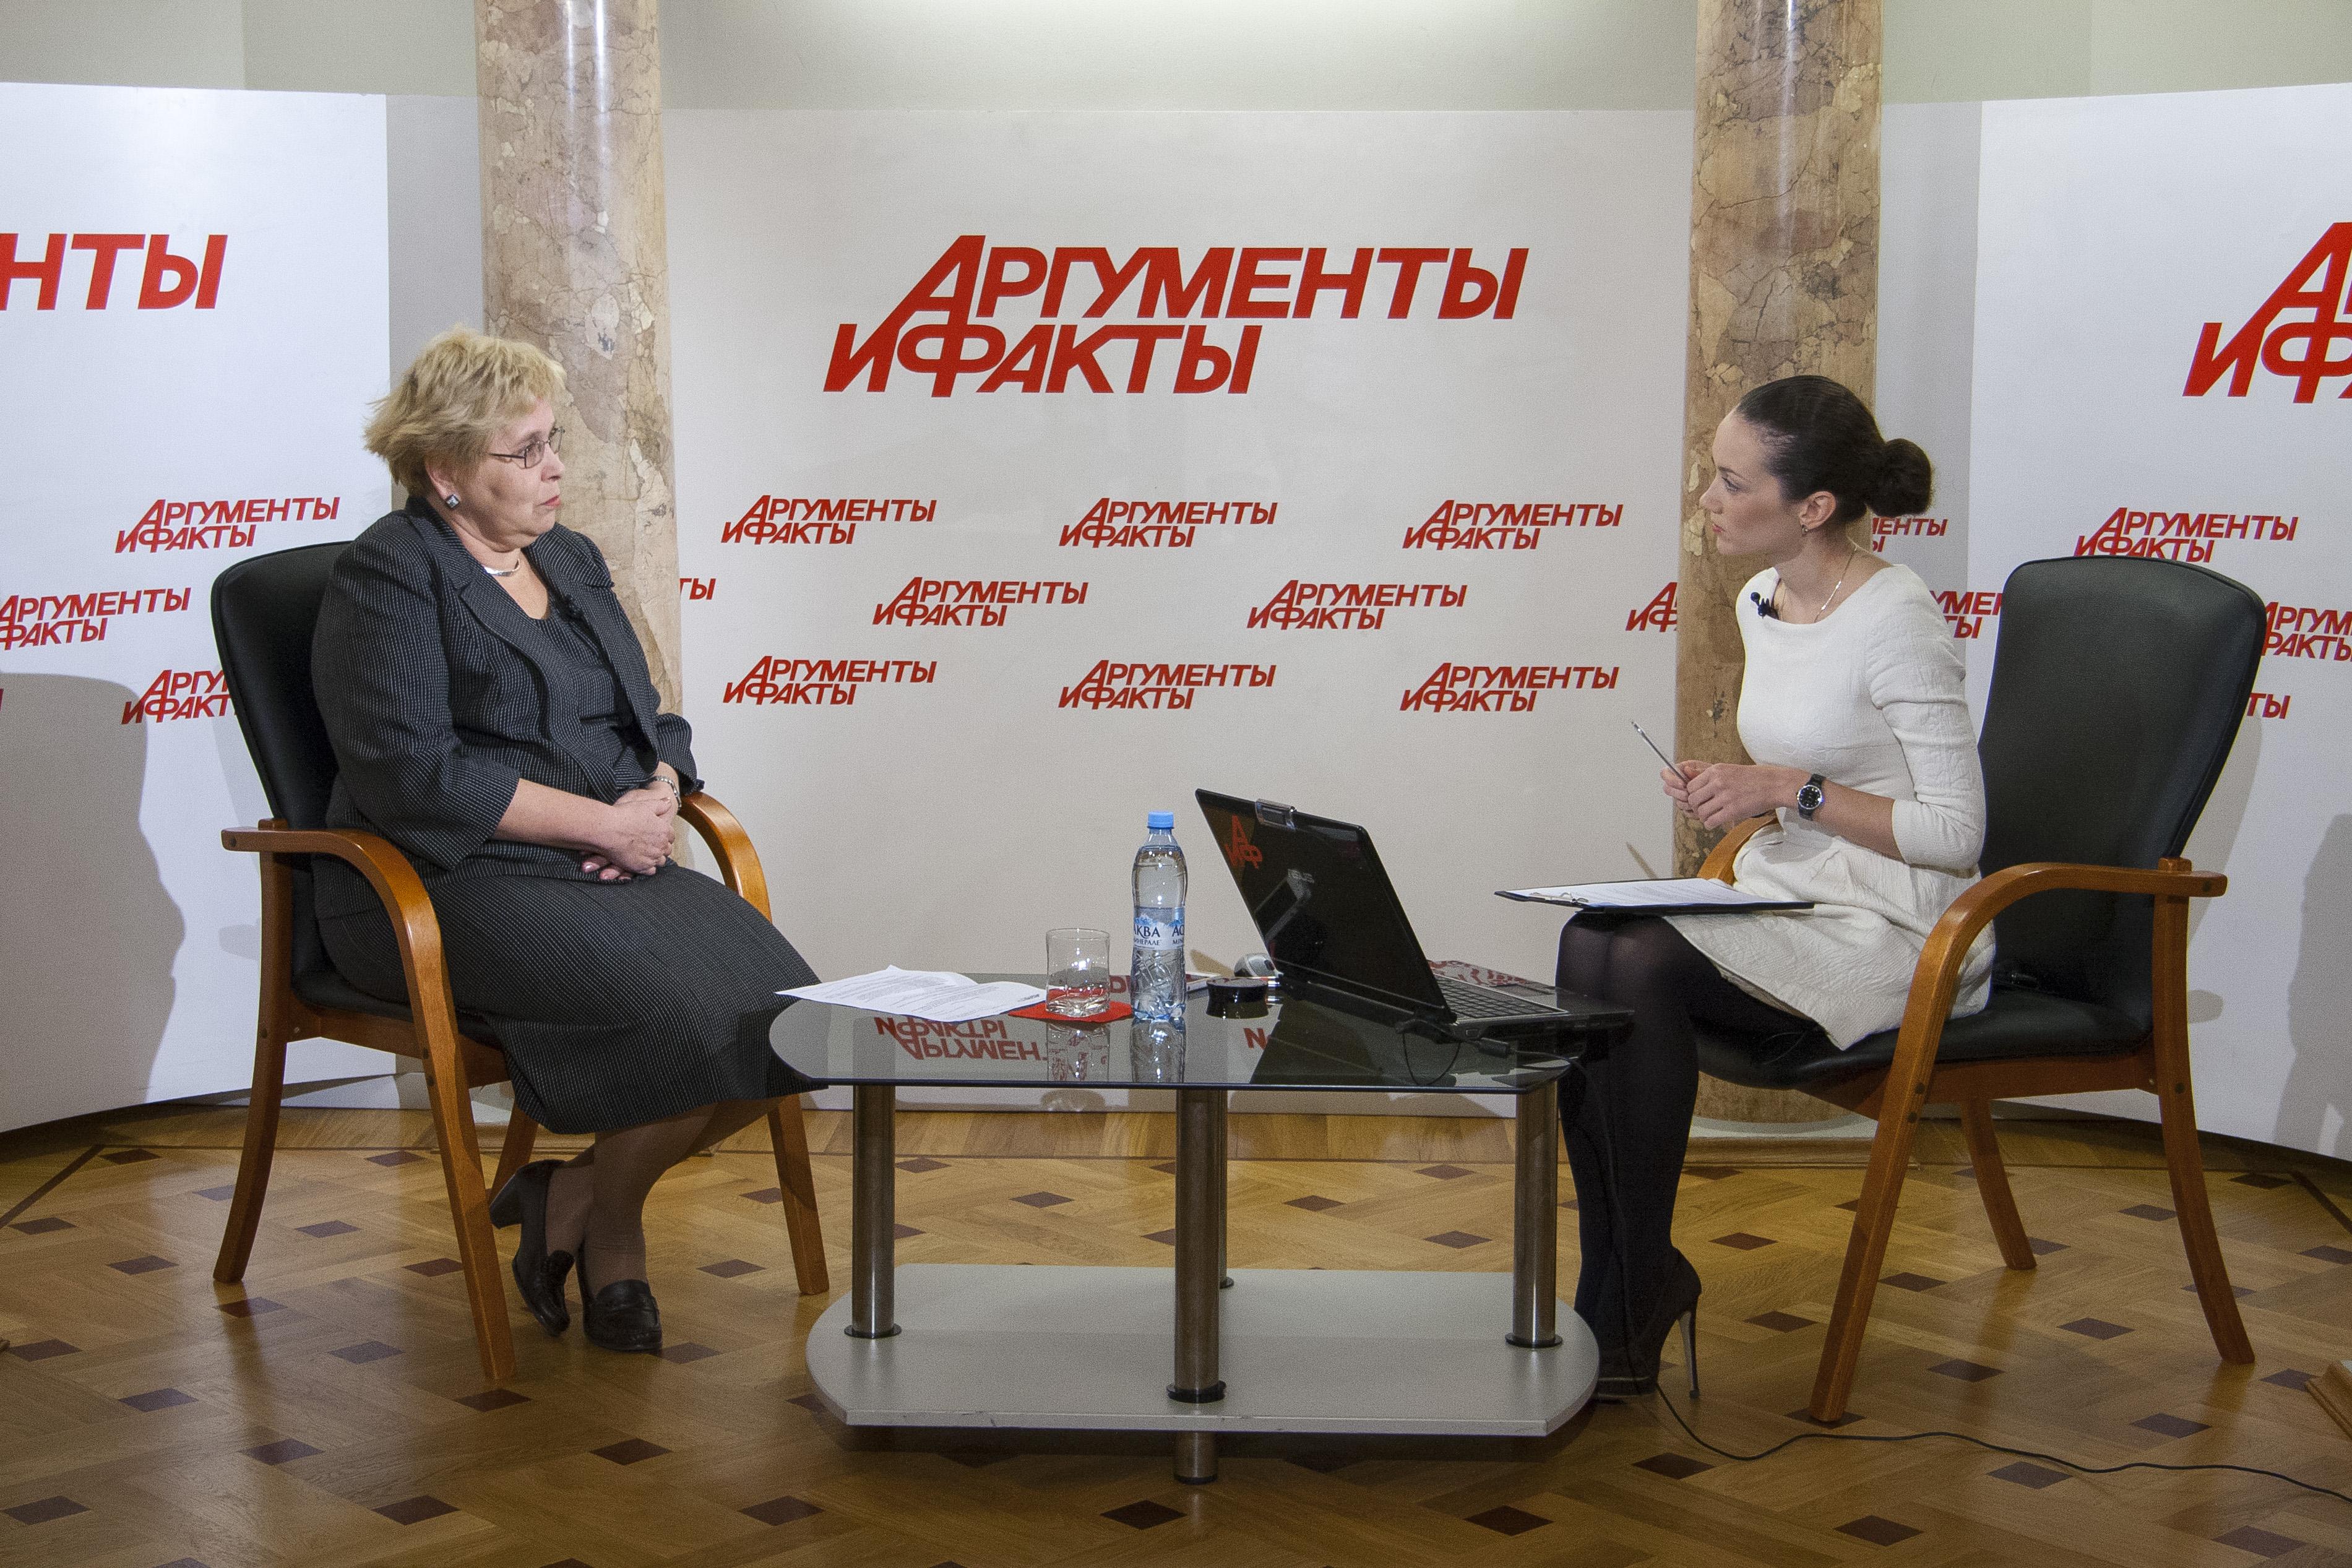 Интервью с директором лицея № 1535 Татьяной Воробьёвой